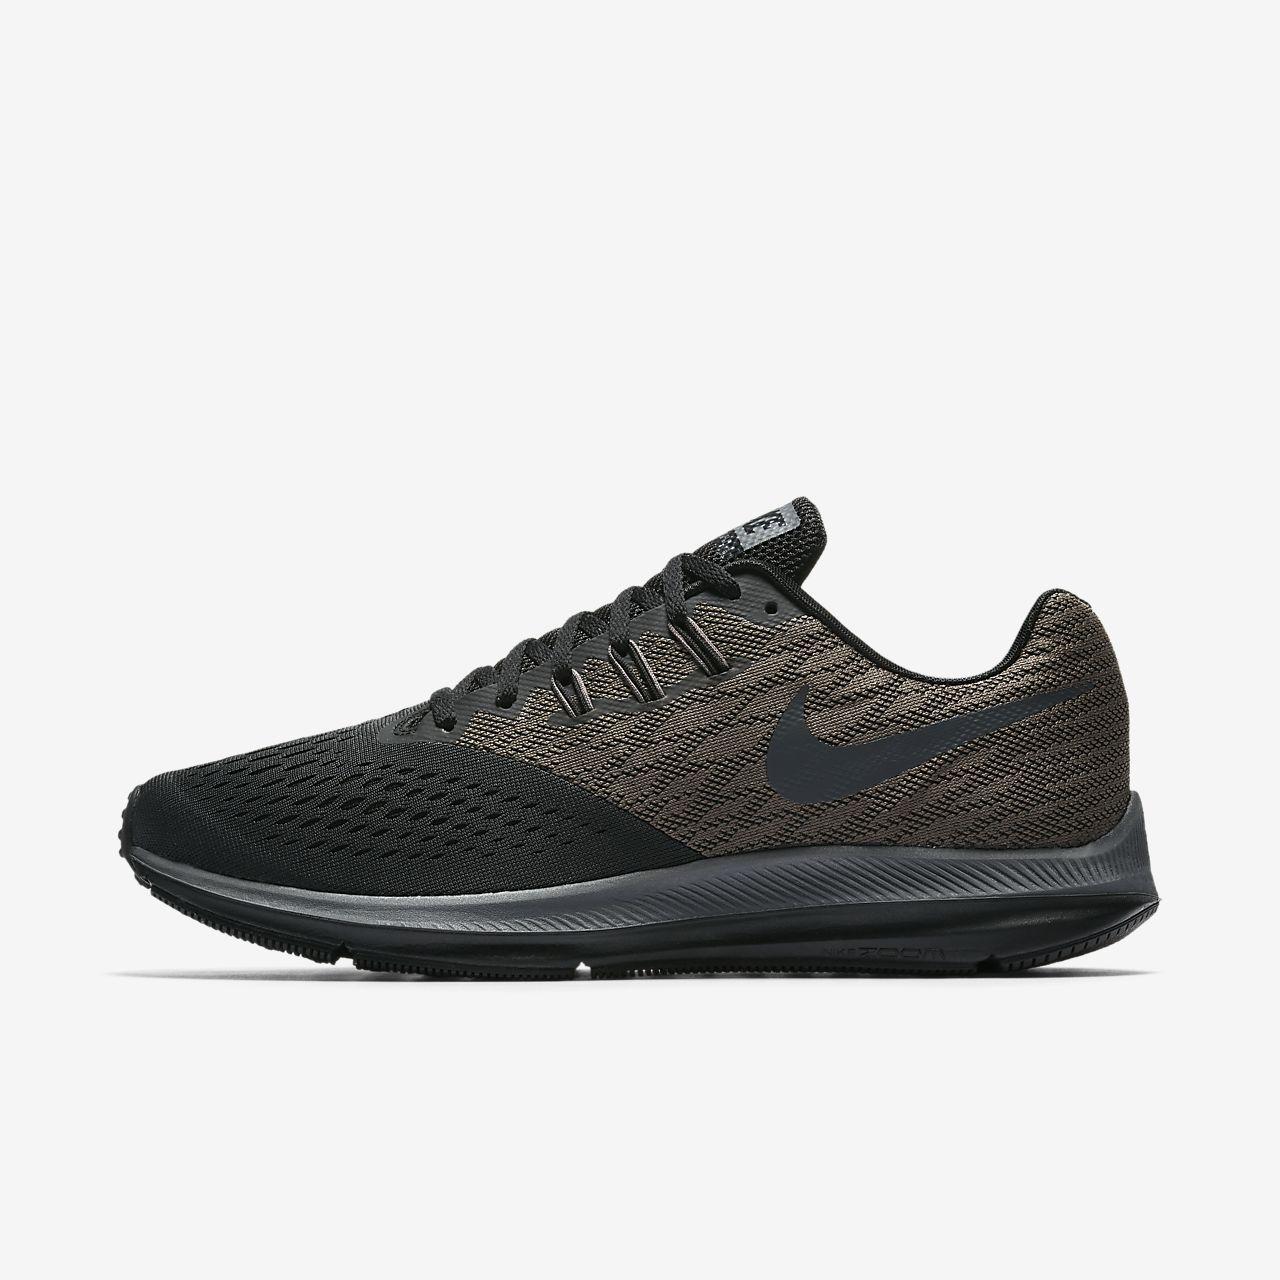 more photos 99caf 4ffa1 ... Löparsko Nike Zoom Winflo 4 för män